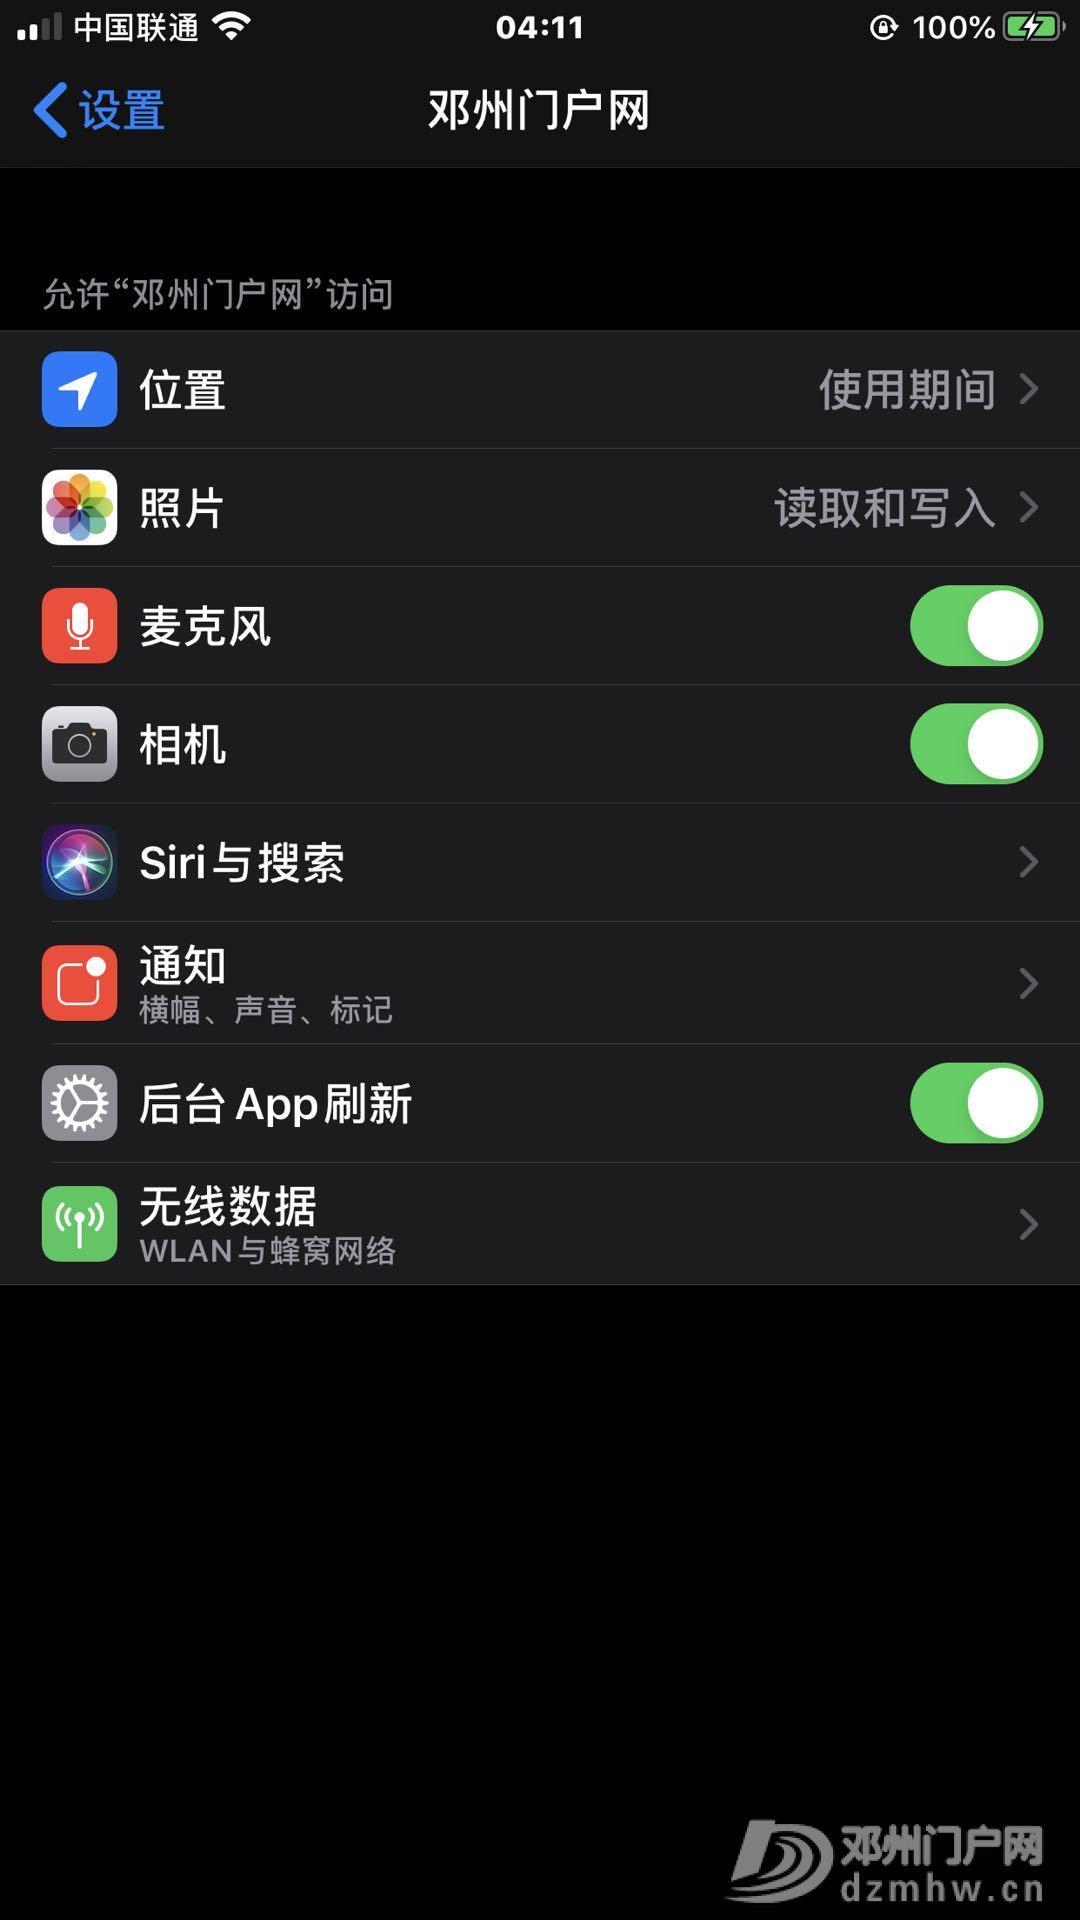 关闭了邓州门户网APP的定位和通知功能,如何再打开允许? - 邓州门户网|邓州网 - 微信截图_20200310041205.jpg